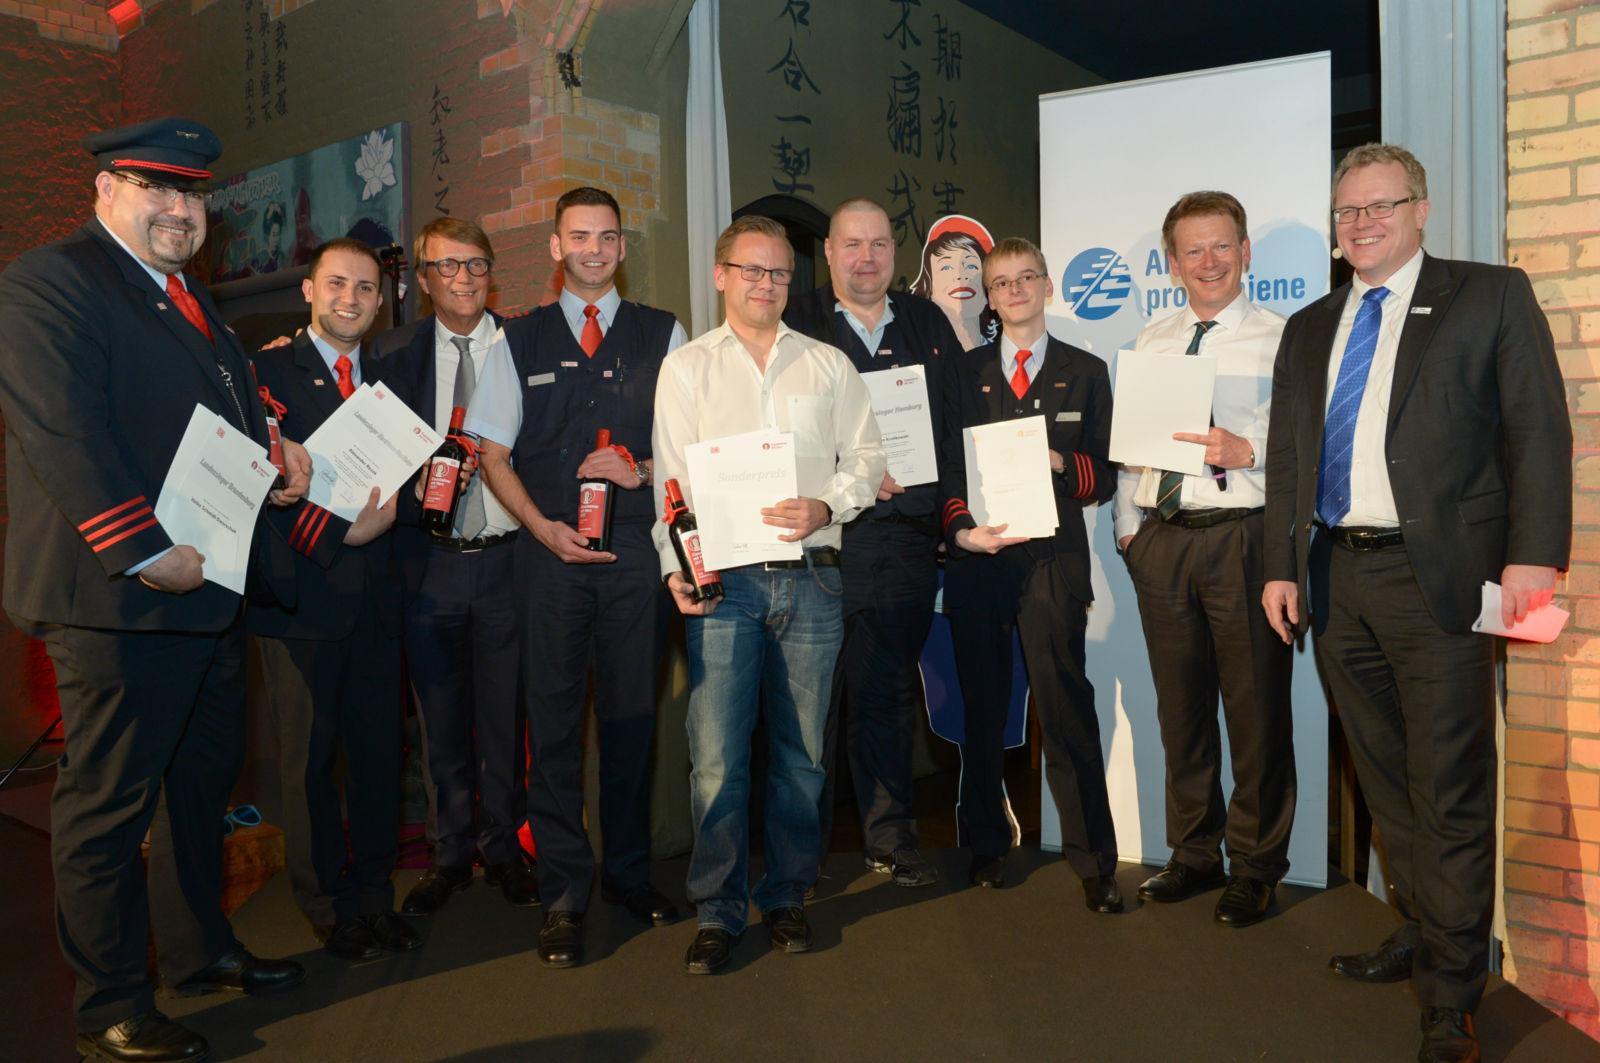 Die Sieger der Deutschen Bahn mit Bahnchef Dr. Richrad Lutz und Ronald Pofalla